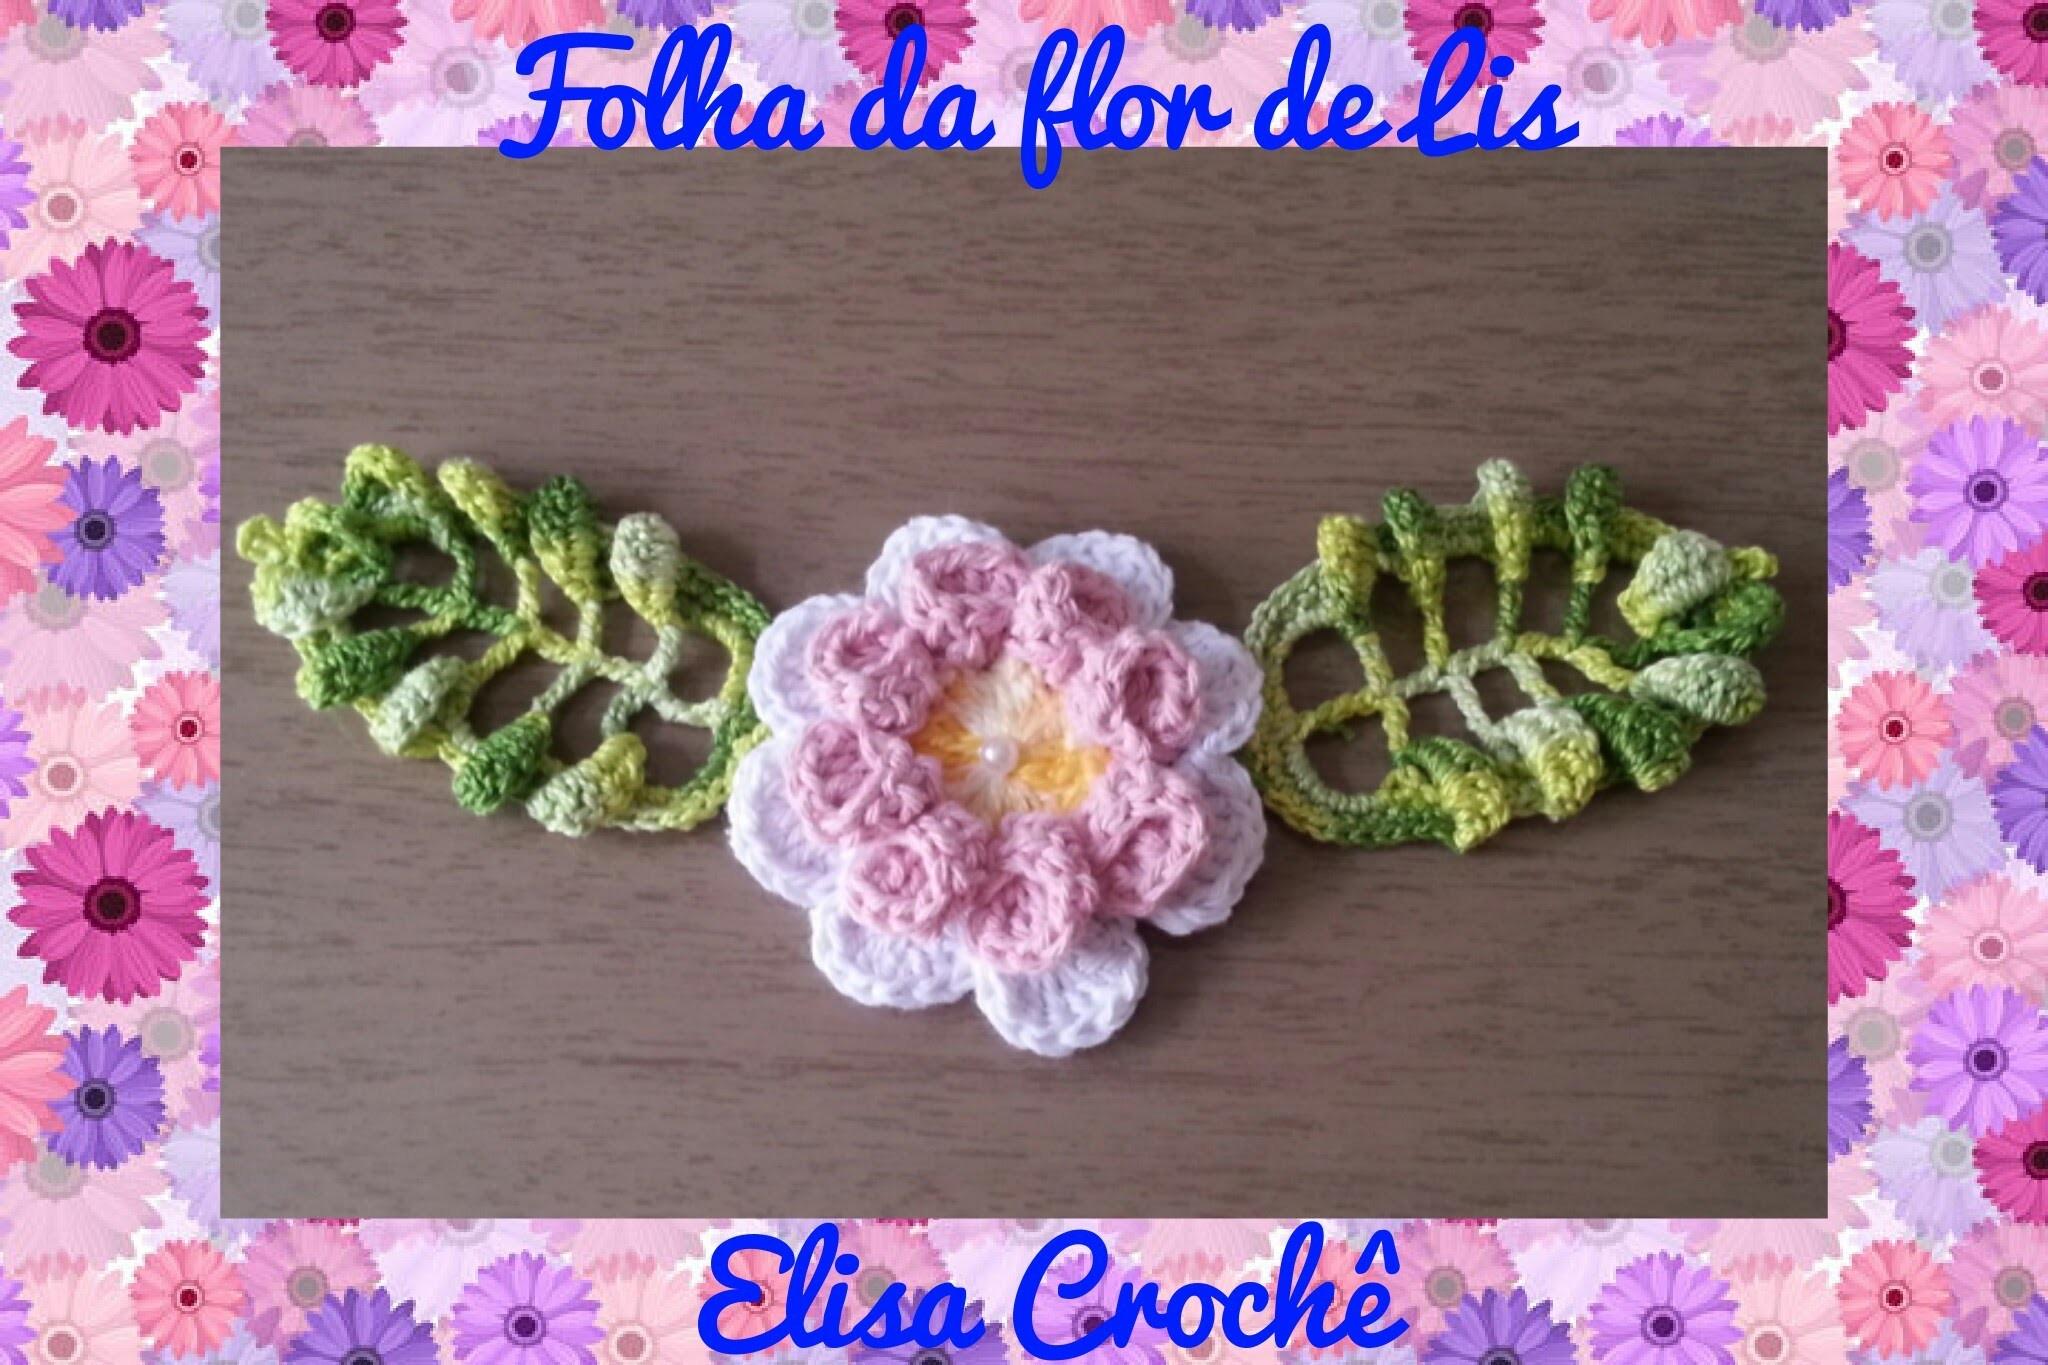 FOLHA DA FLOR DE LIS EM CROCHÊ ( 2ª parte final ) # Elisa Crochê